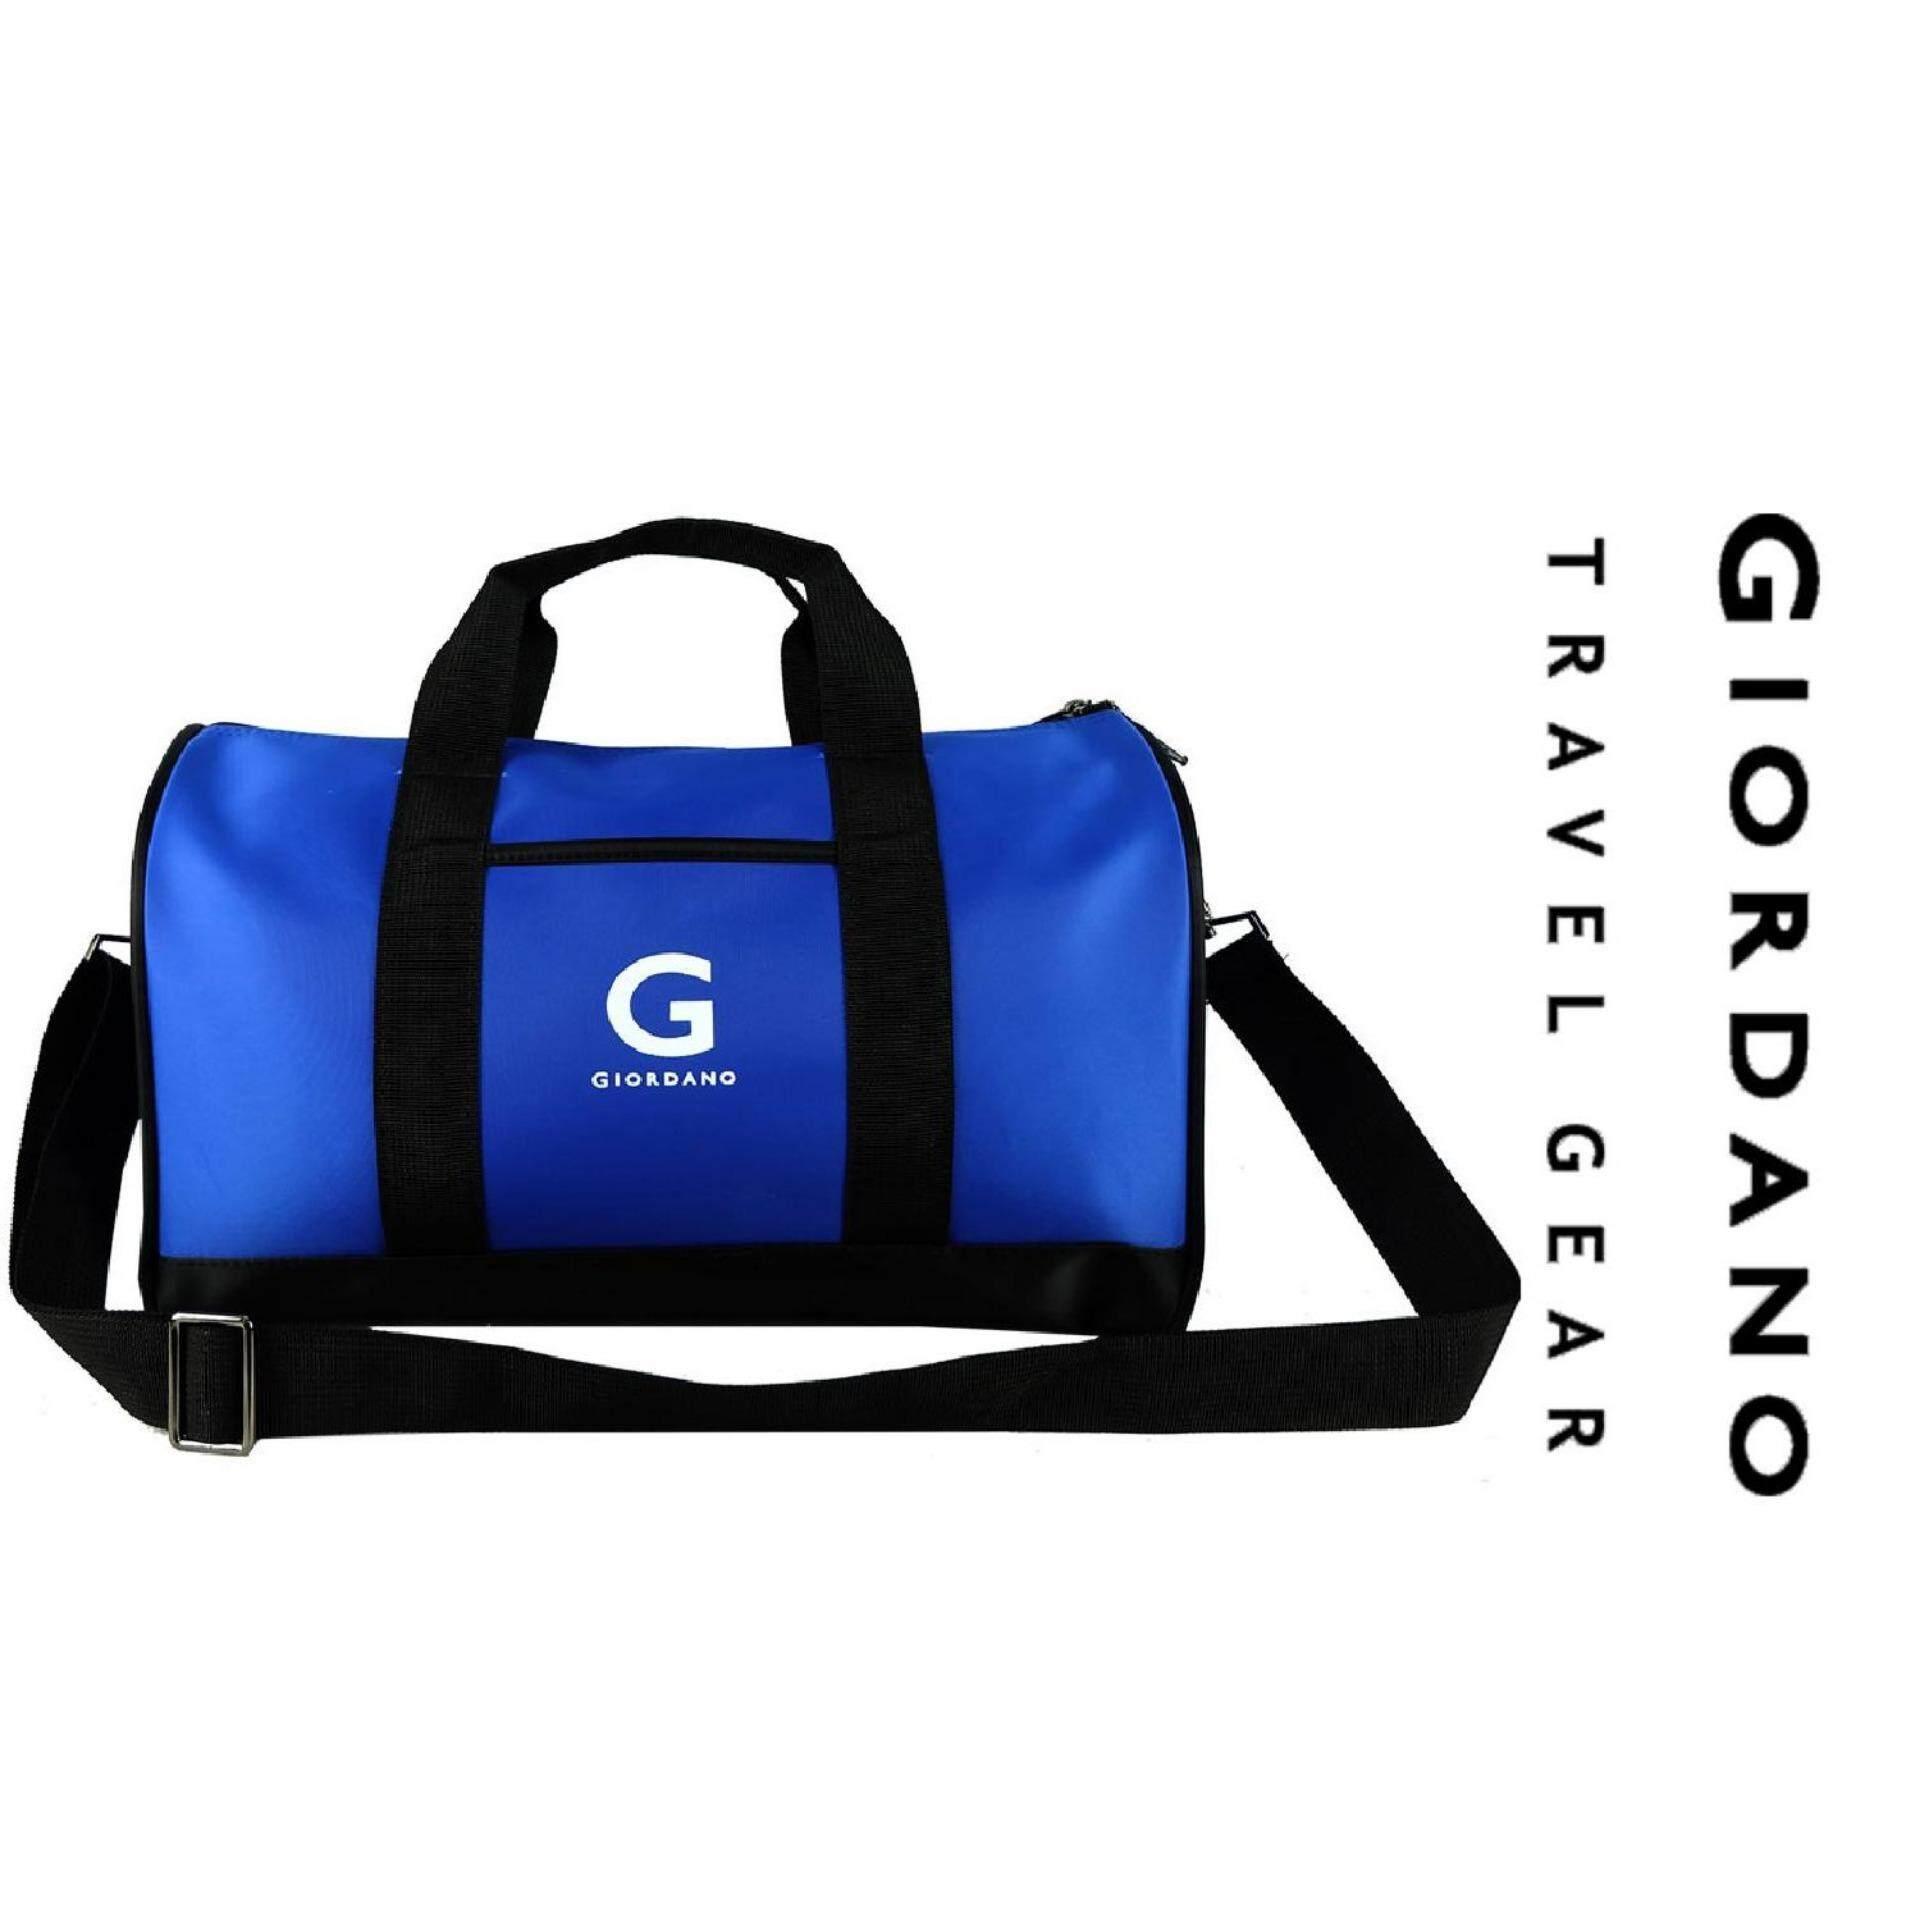 """Giordano 15"""" Stylish Travel Gear GT9609- Blue/Black"""